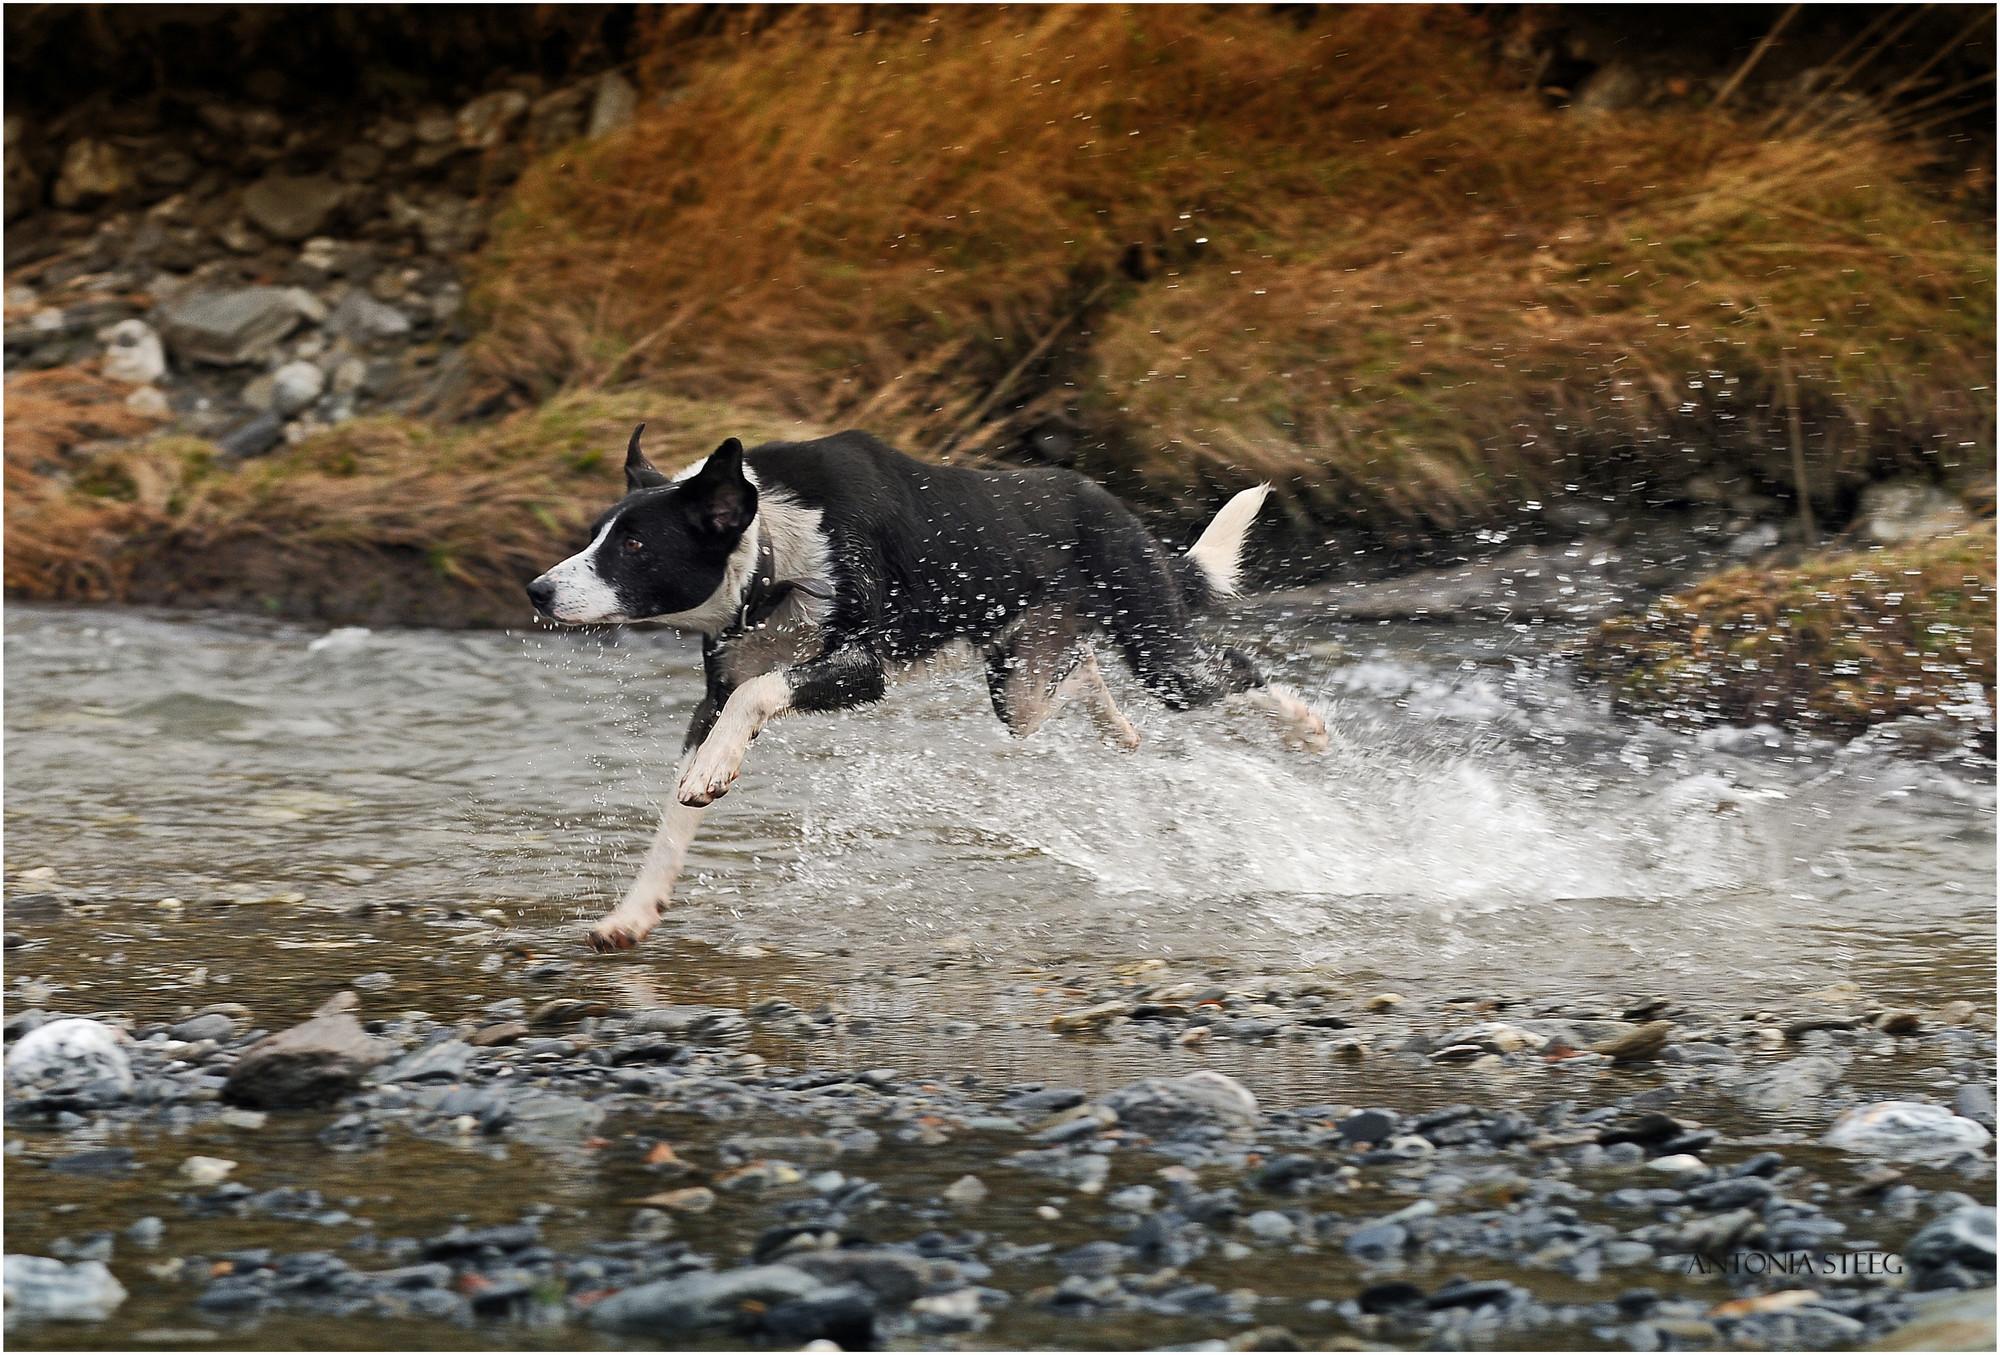 Heading Dog full of energy on Mighty Mix Dog Food